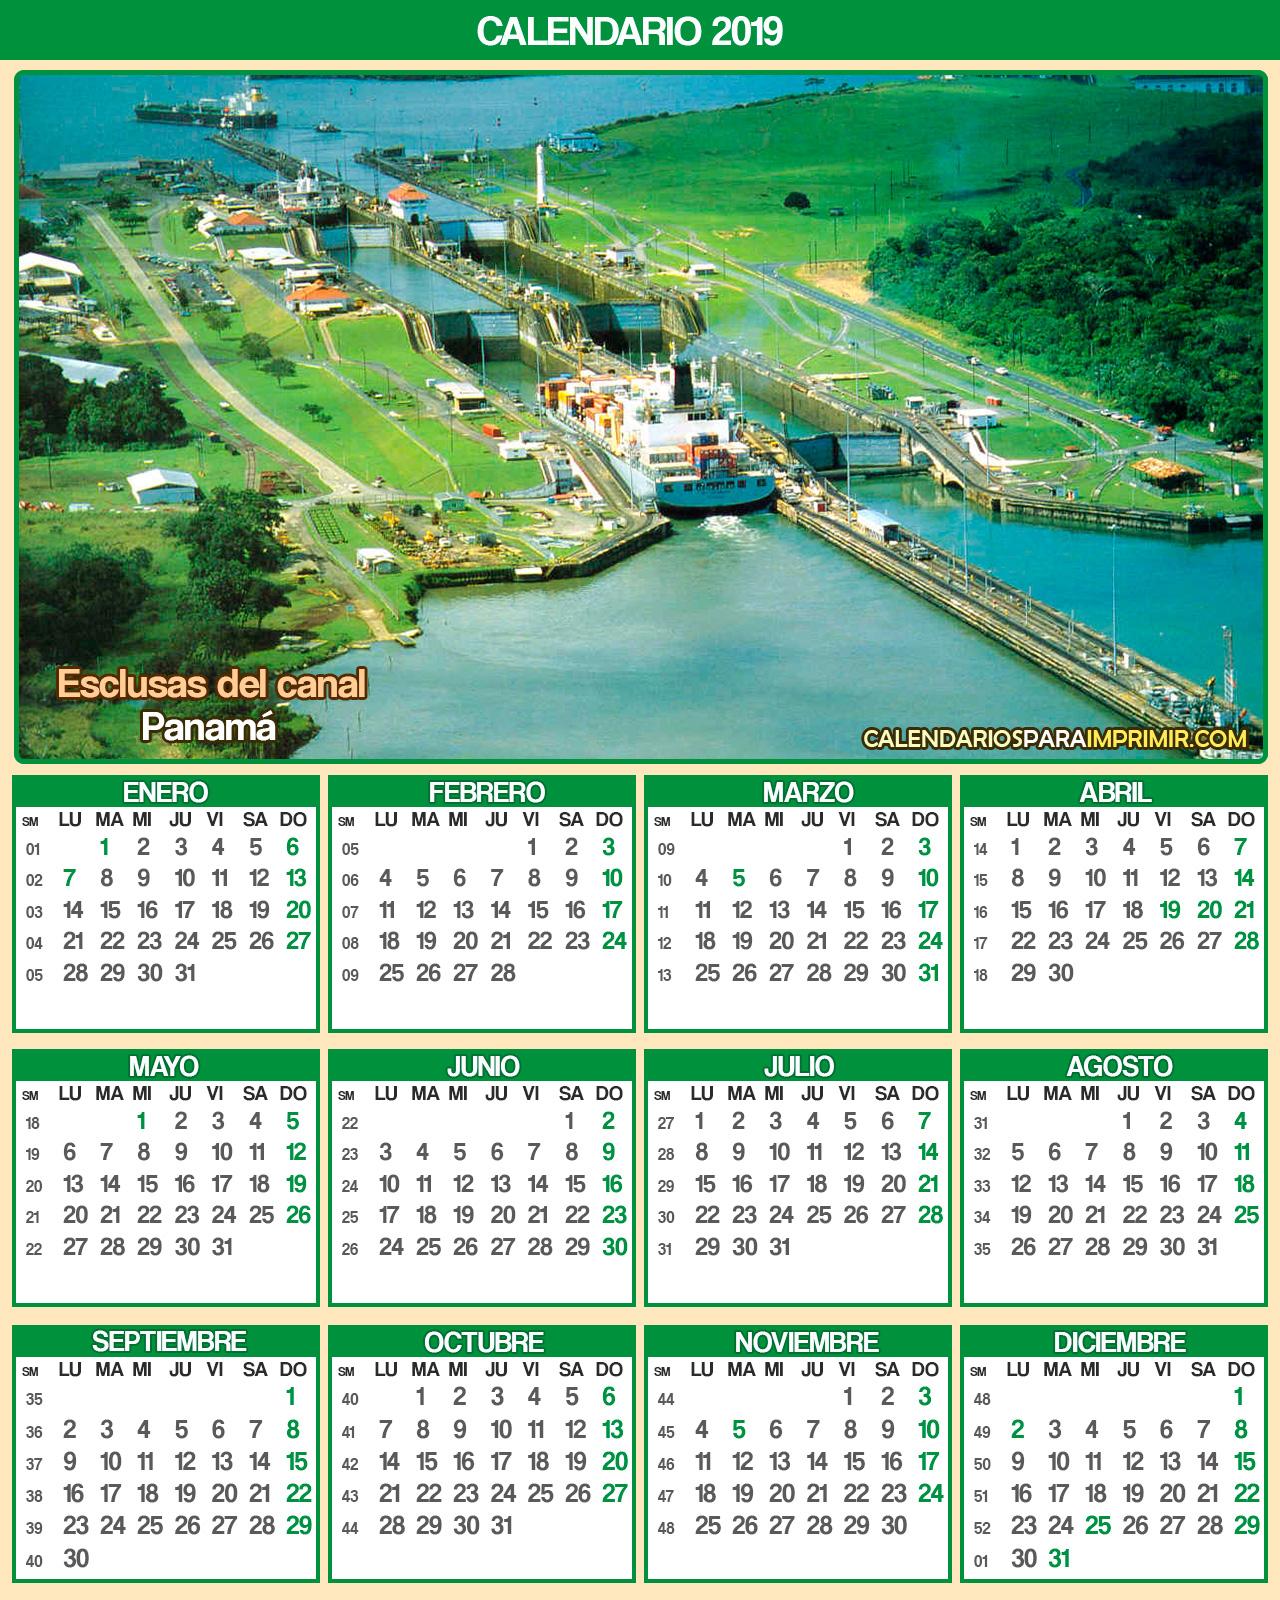 Calendario Panama 2019 Con Festivos.Calendarios De Panama 2019 Calendarios Para Imprimir 2019